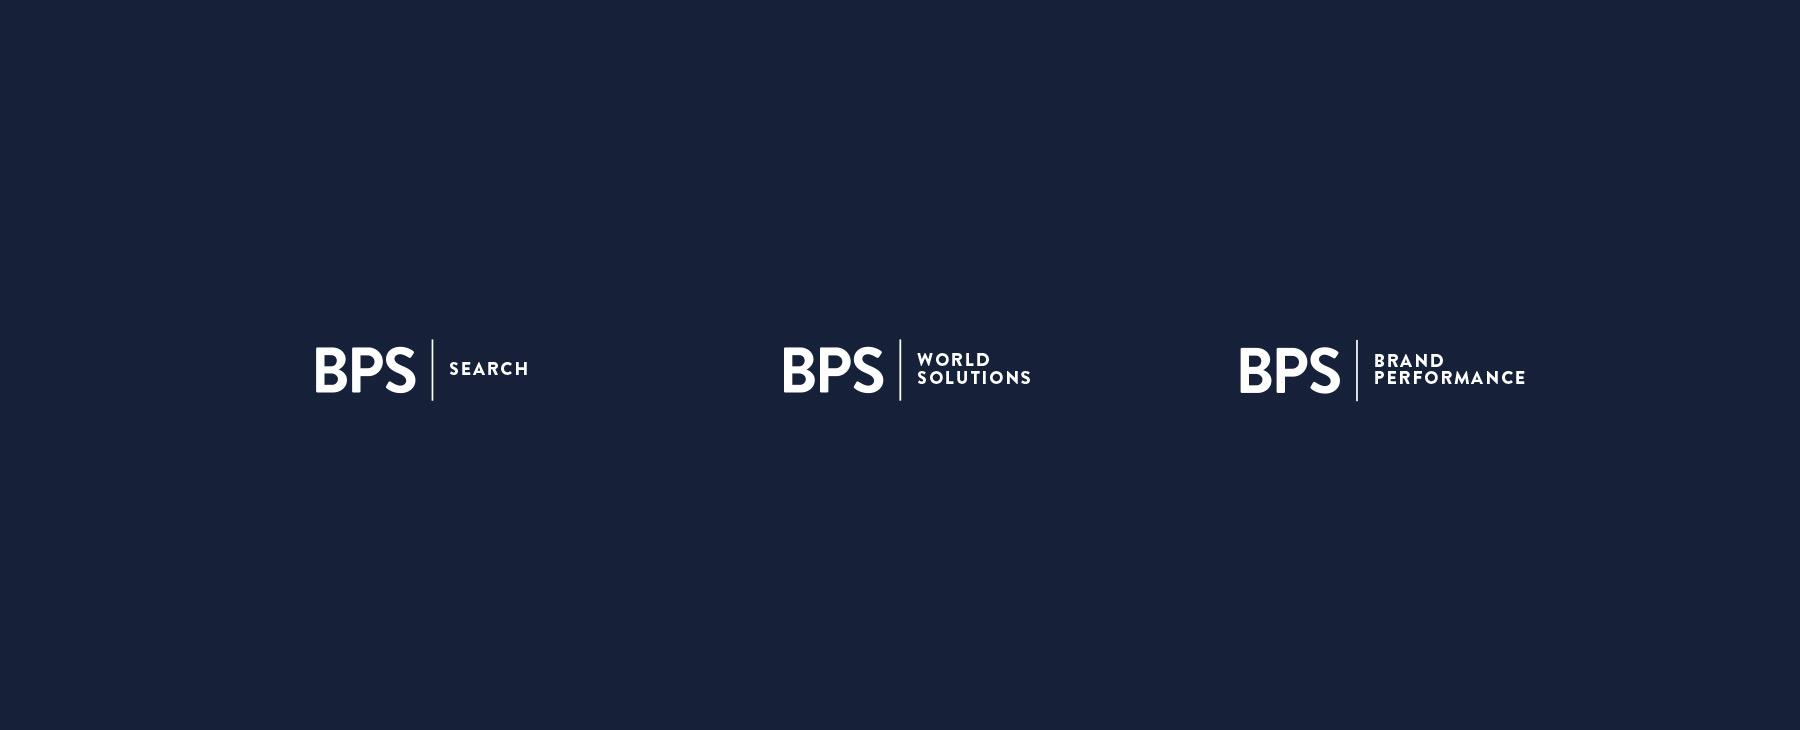 BPS_3